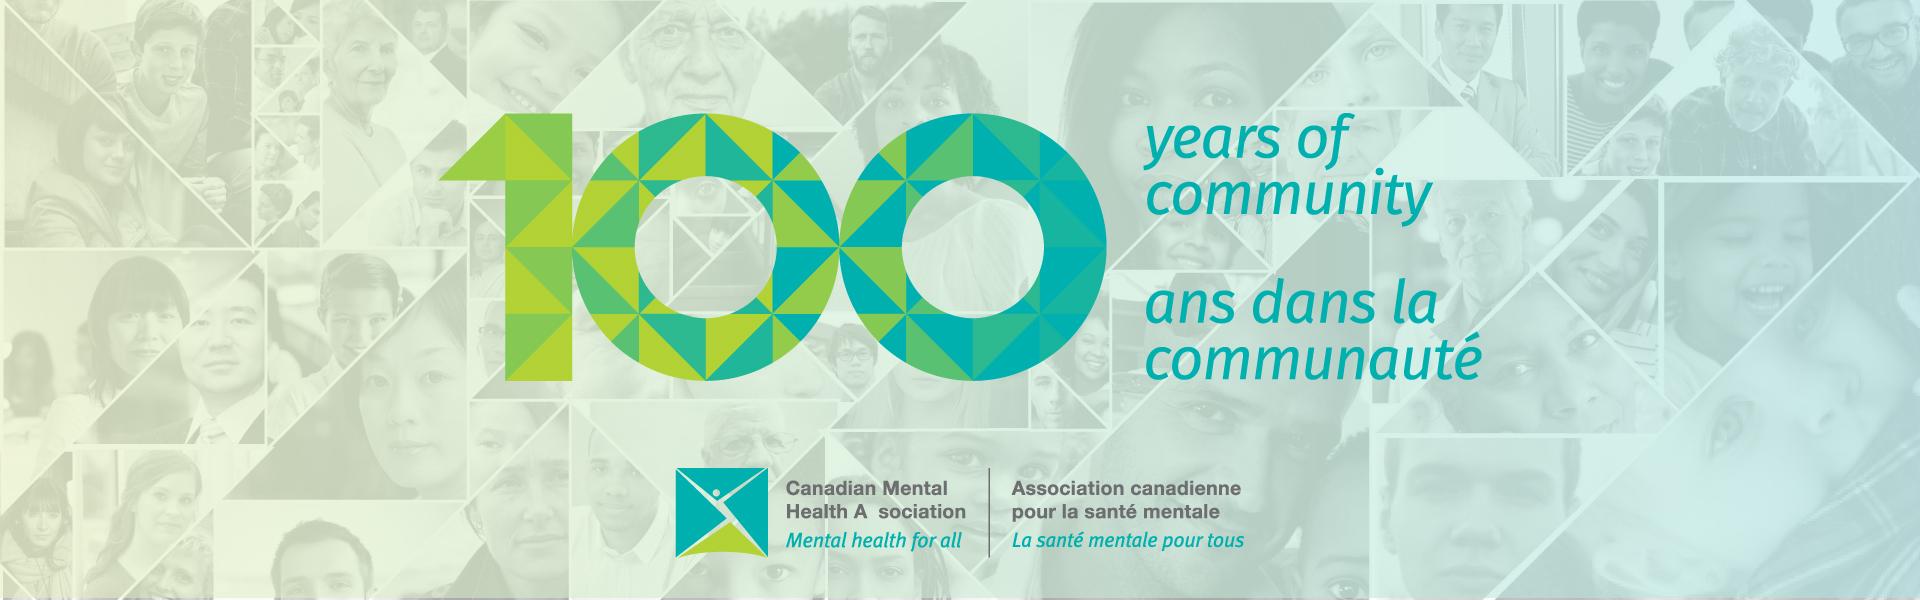 History of CMHA: Celebrating 100 Years